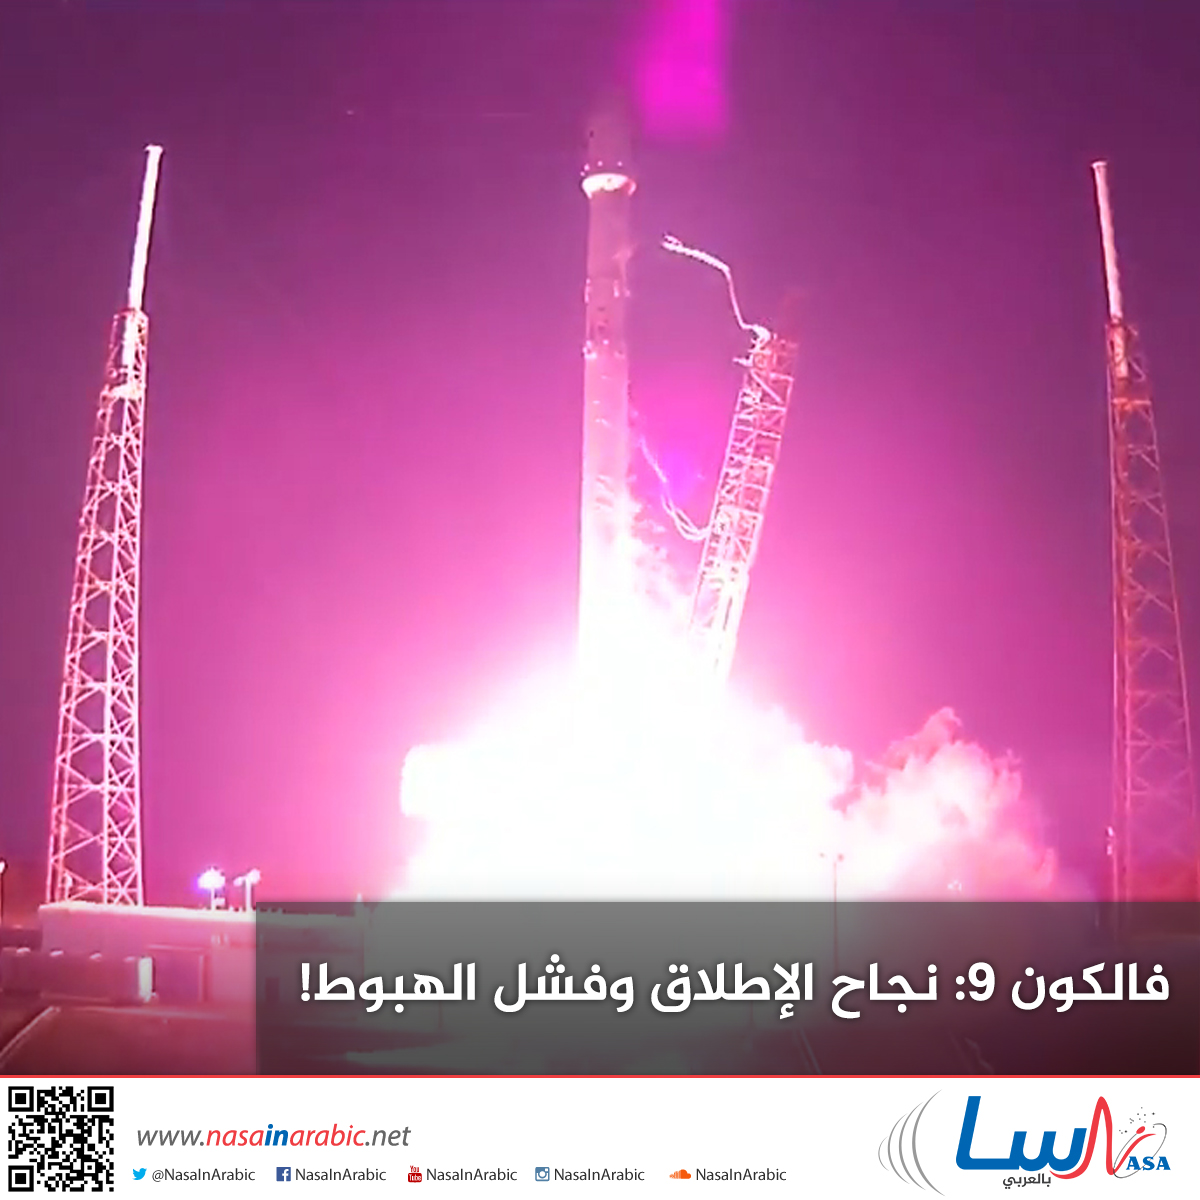 فالكون 9: نجاح الإطلاق وفشل الهبوط!